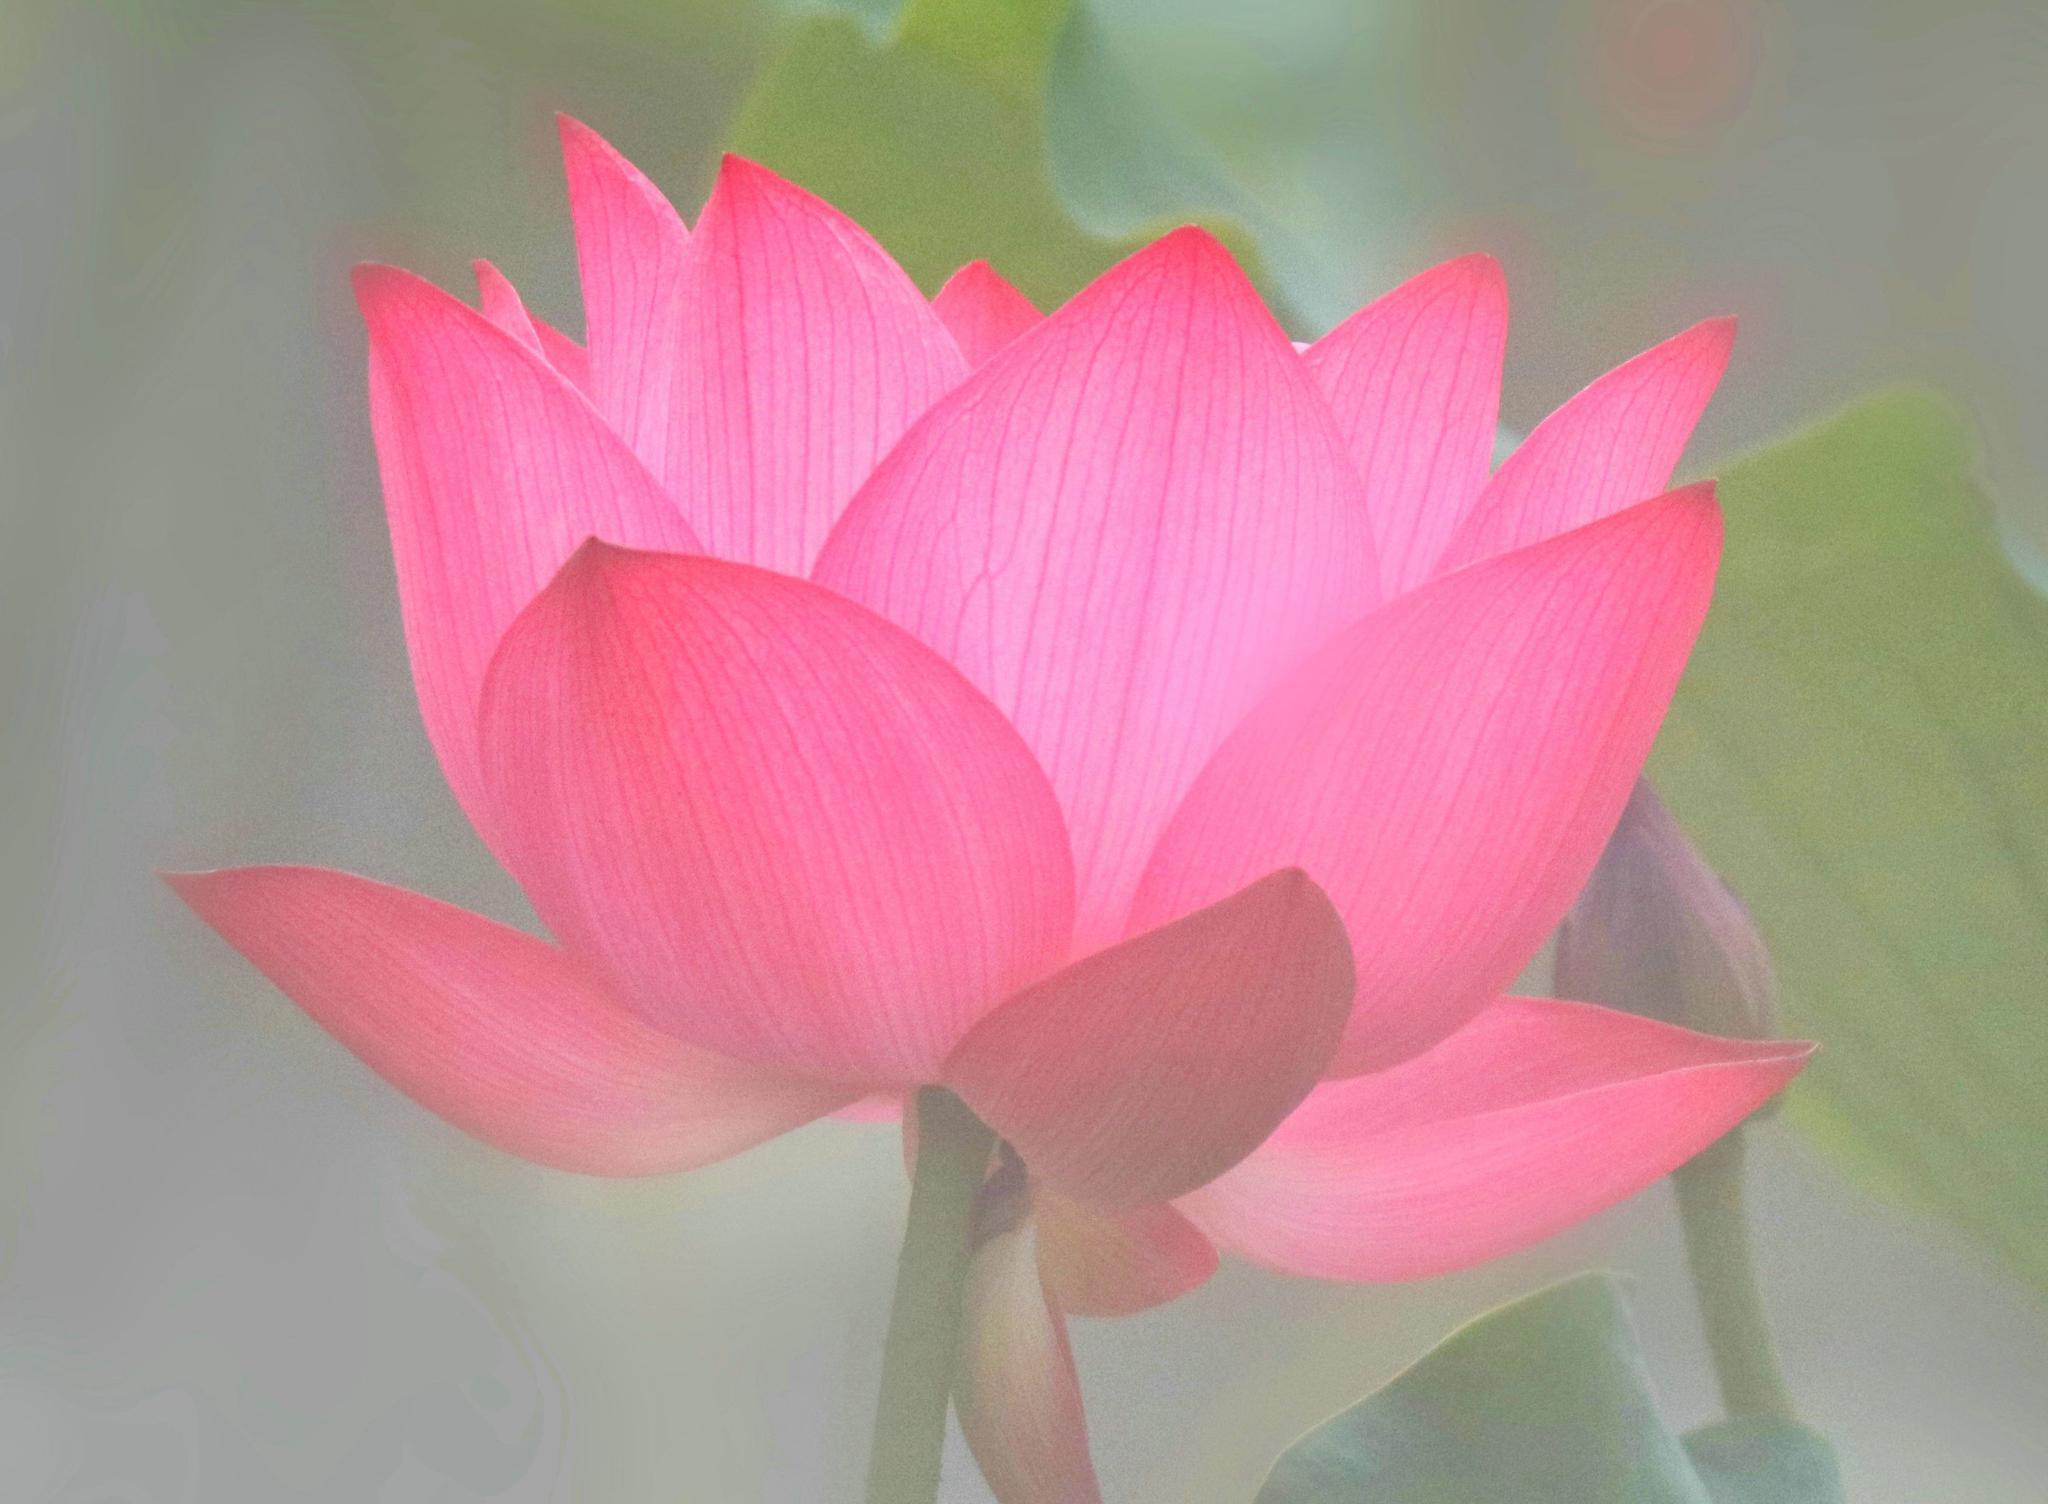 四川大学的梦幻荷塘:仙气缥缈,文气萦绕